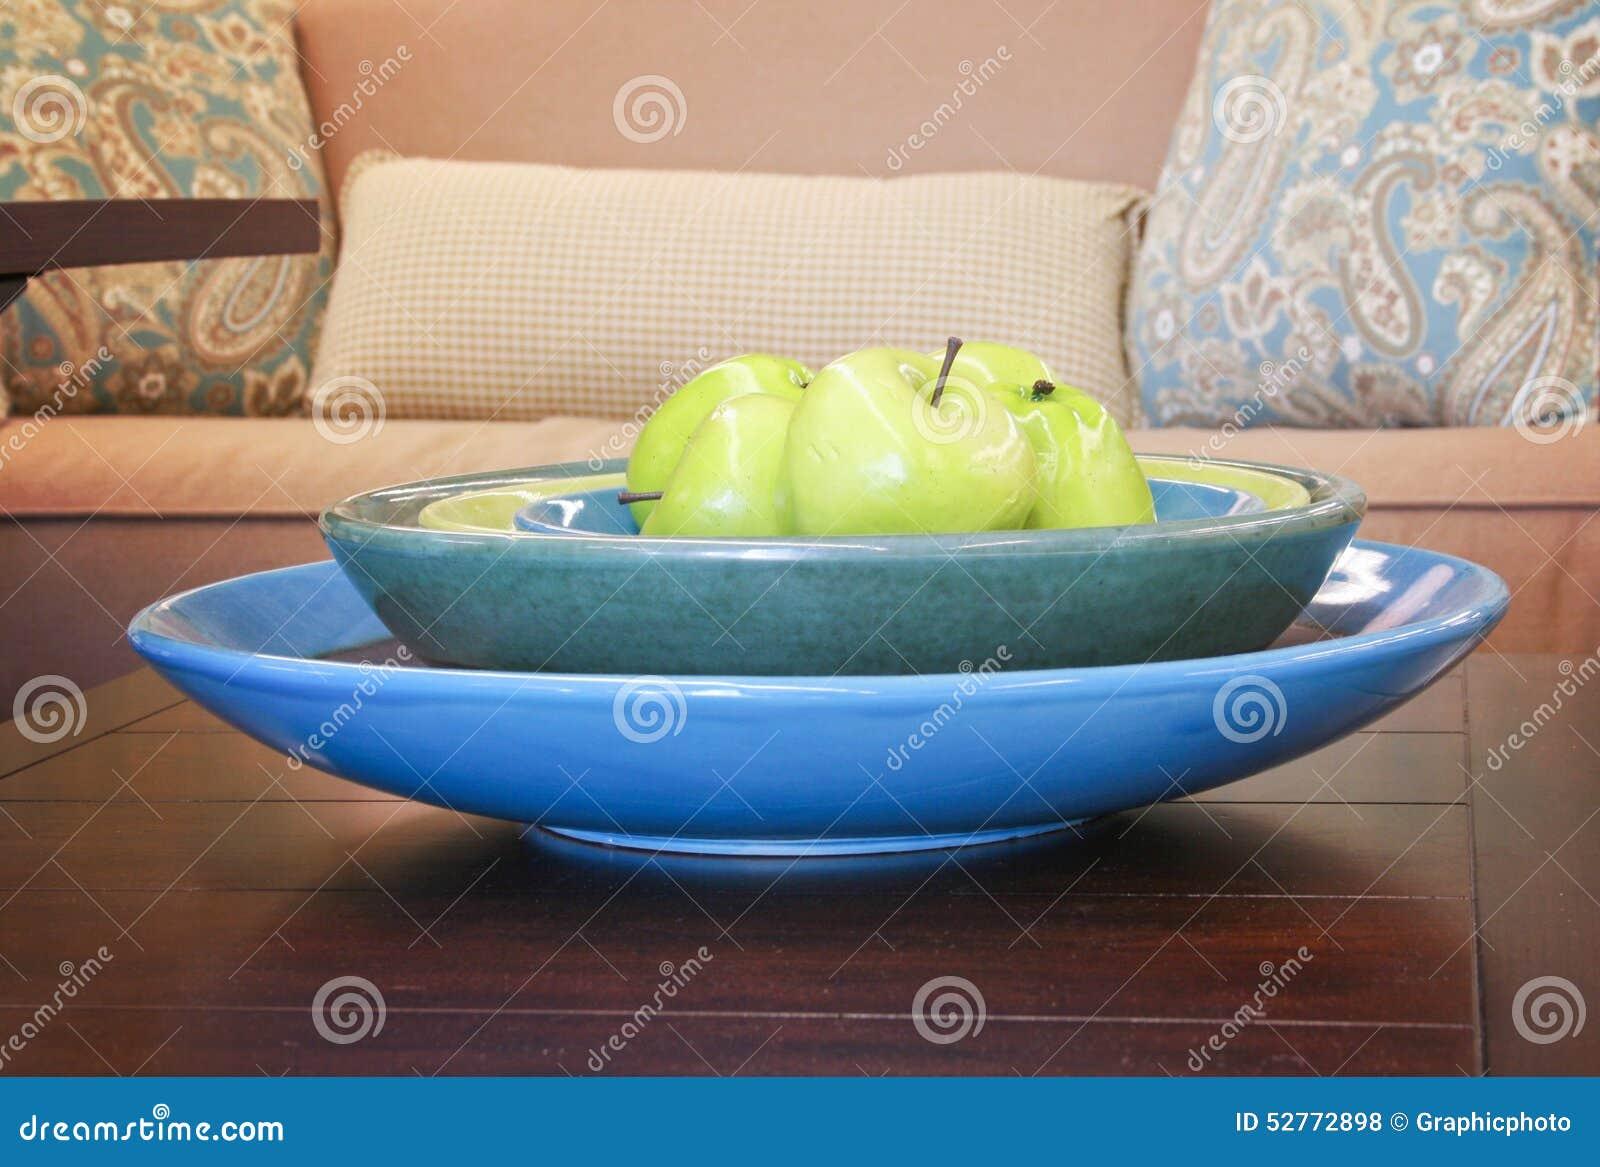 Äpfel in einer schüssel auf einem holztisch in einem wohnzimmer ...